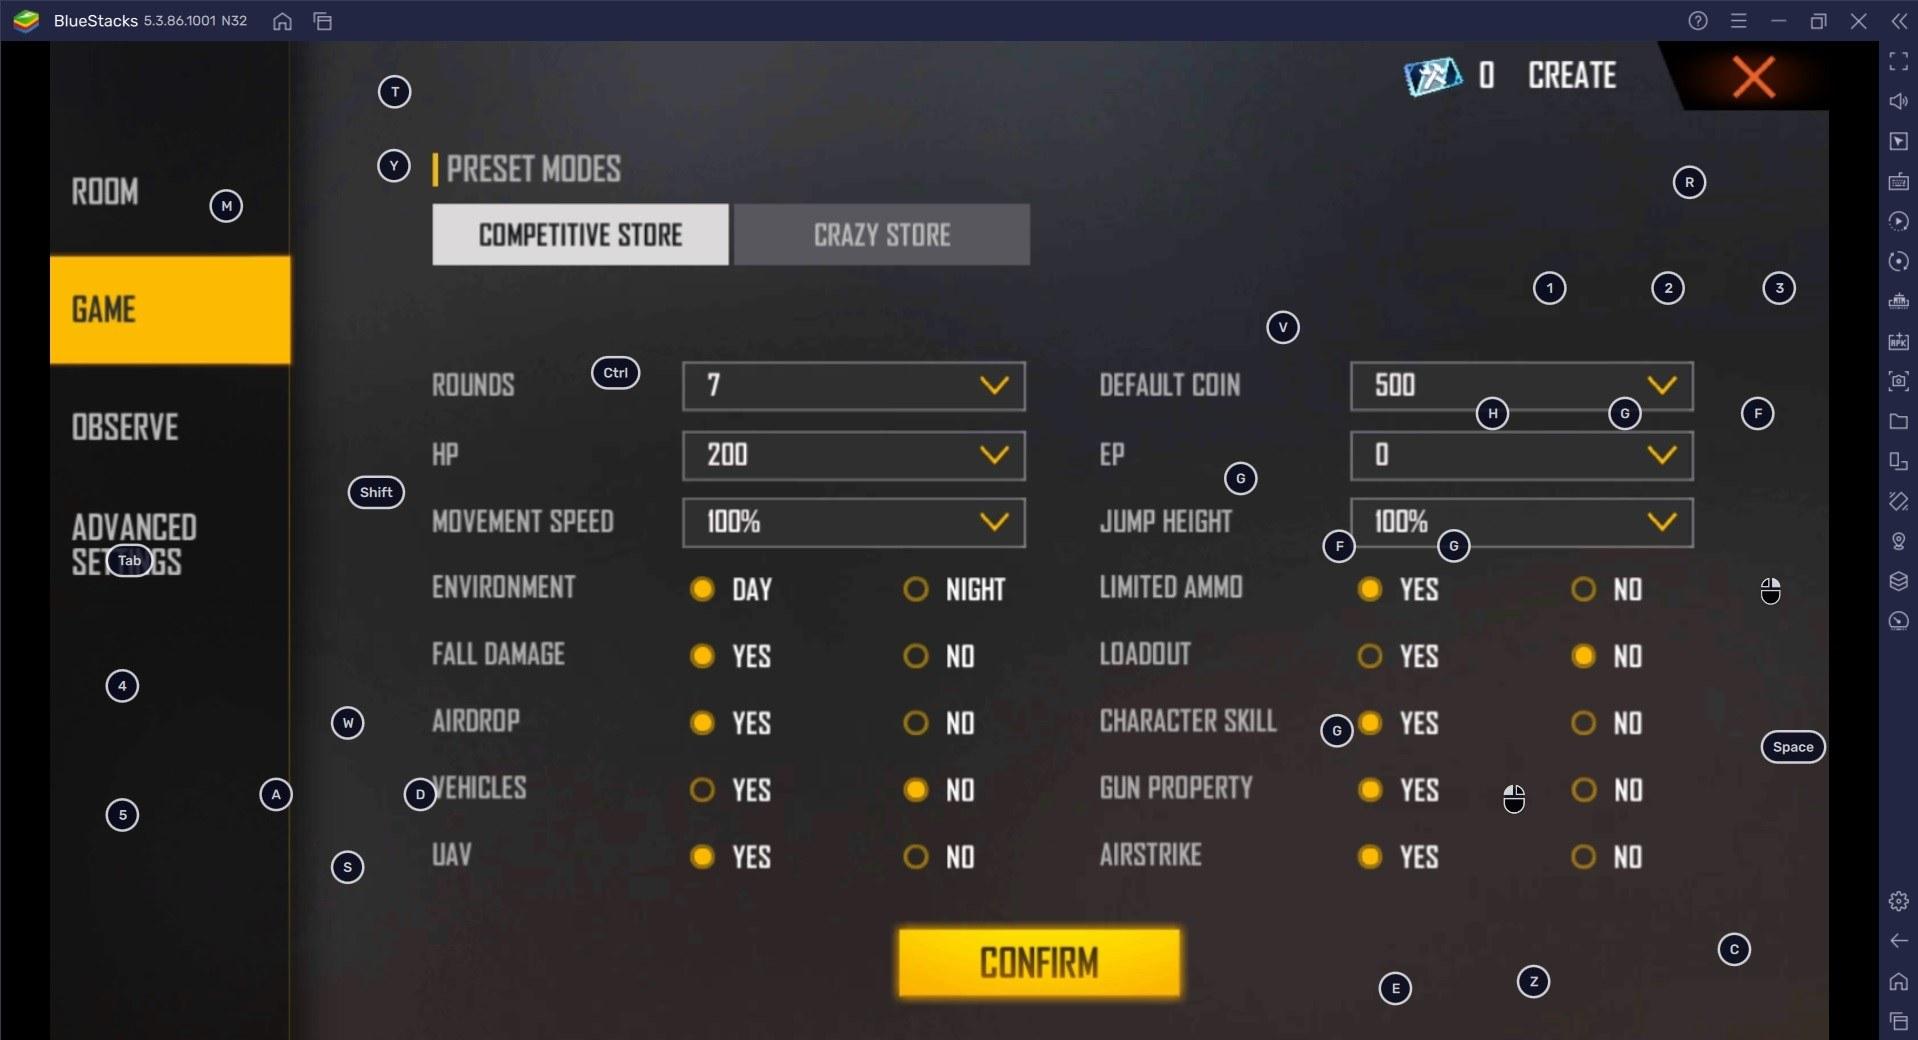 دليل لعبة Free Fire Max لوضع Craftland: اصنع خرائطك الخاصة وقاتل الآن